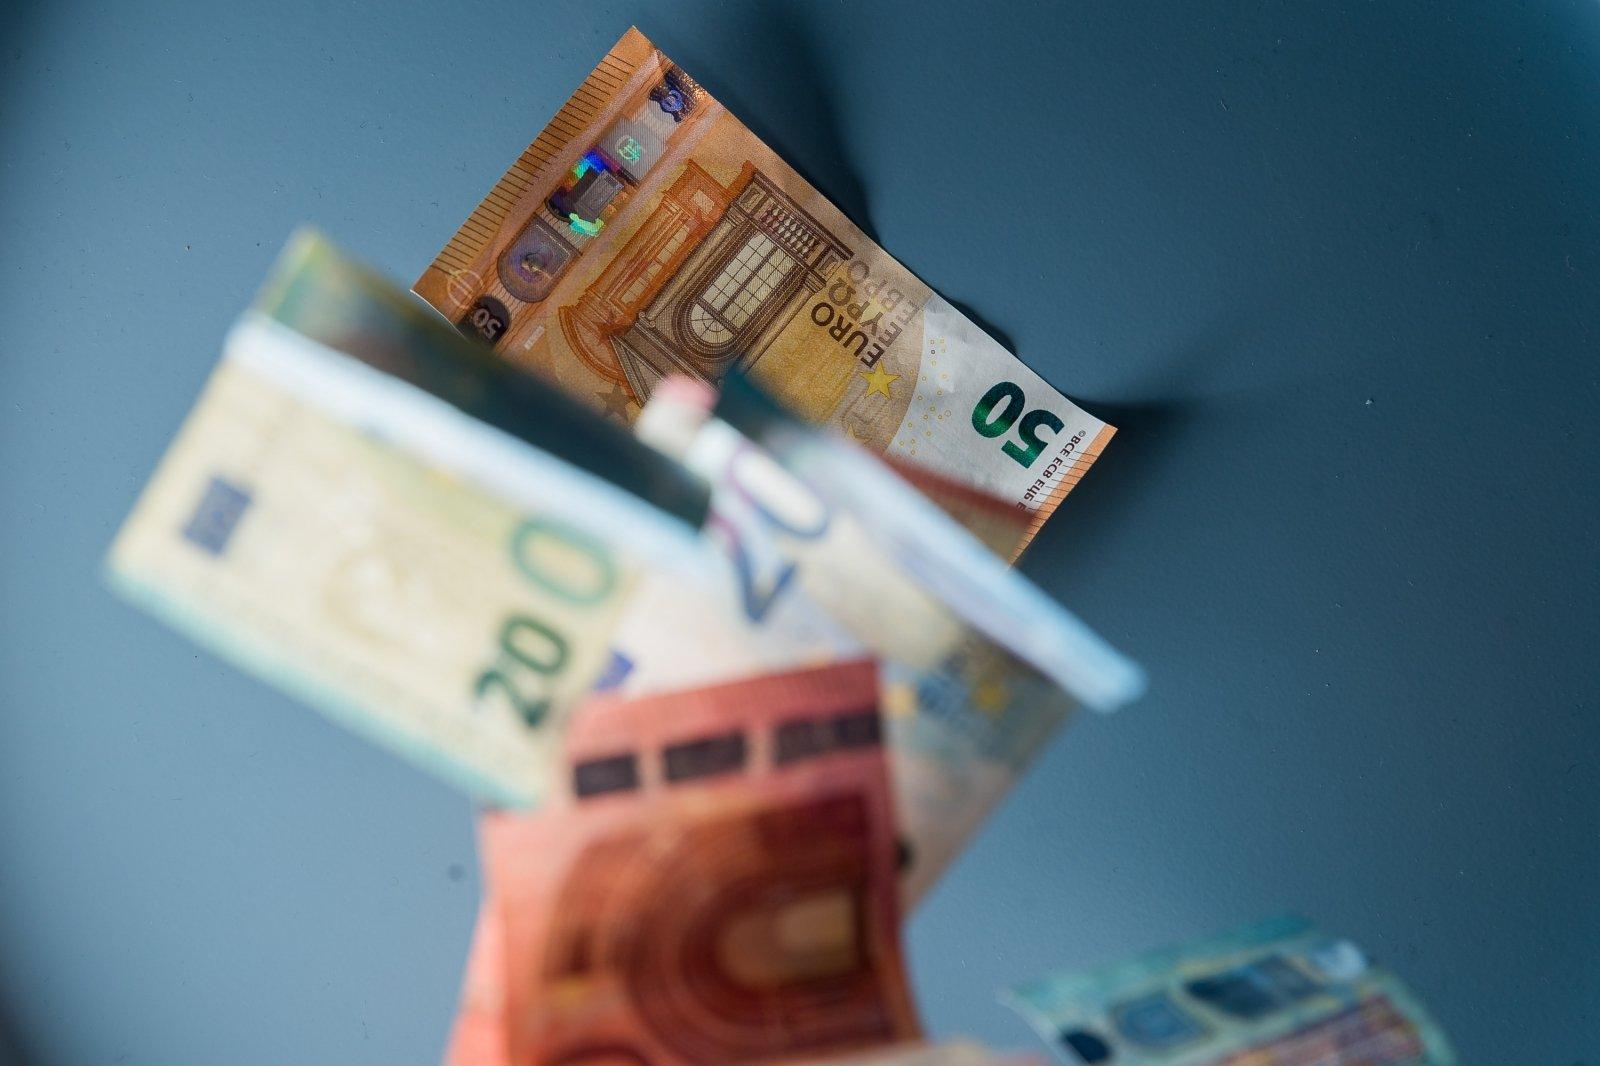 Prekybos momentas uždirbo pirmuosius pinigus. Kur galite užsidirbti pinigų per mėnesį